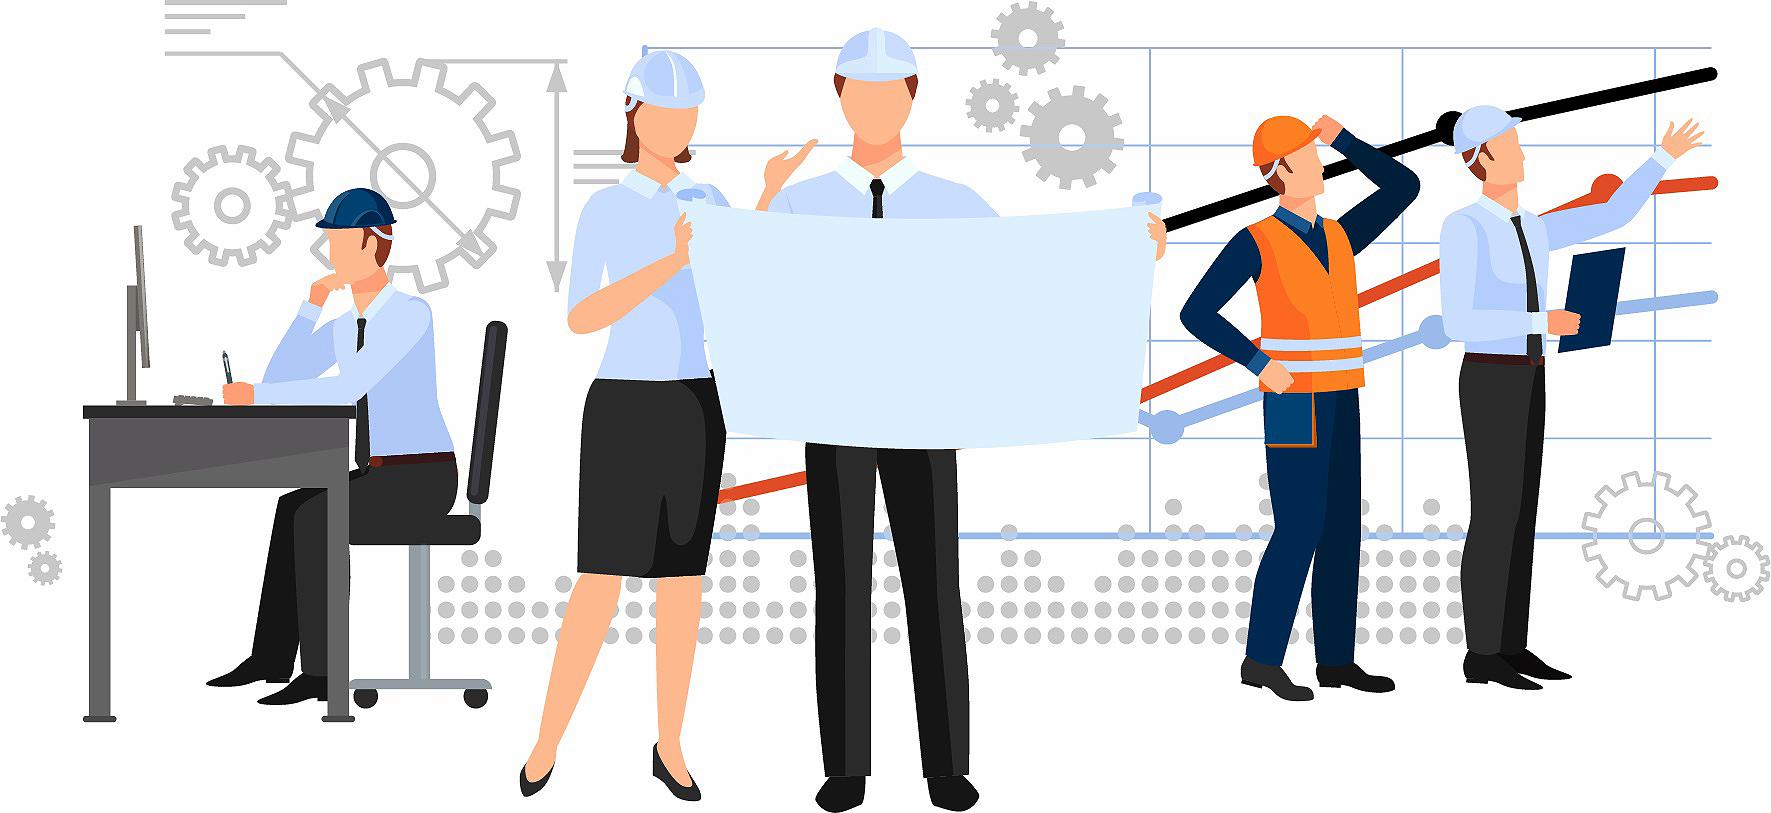 Quanto mais engenheiros civis jovens entram no mercado de trabalho mais cresce demanda por gerentes versáteis. Crédito: Divulgação